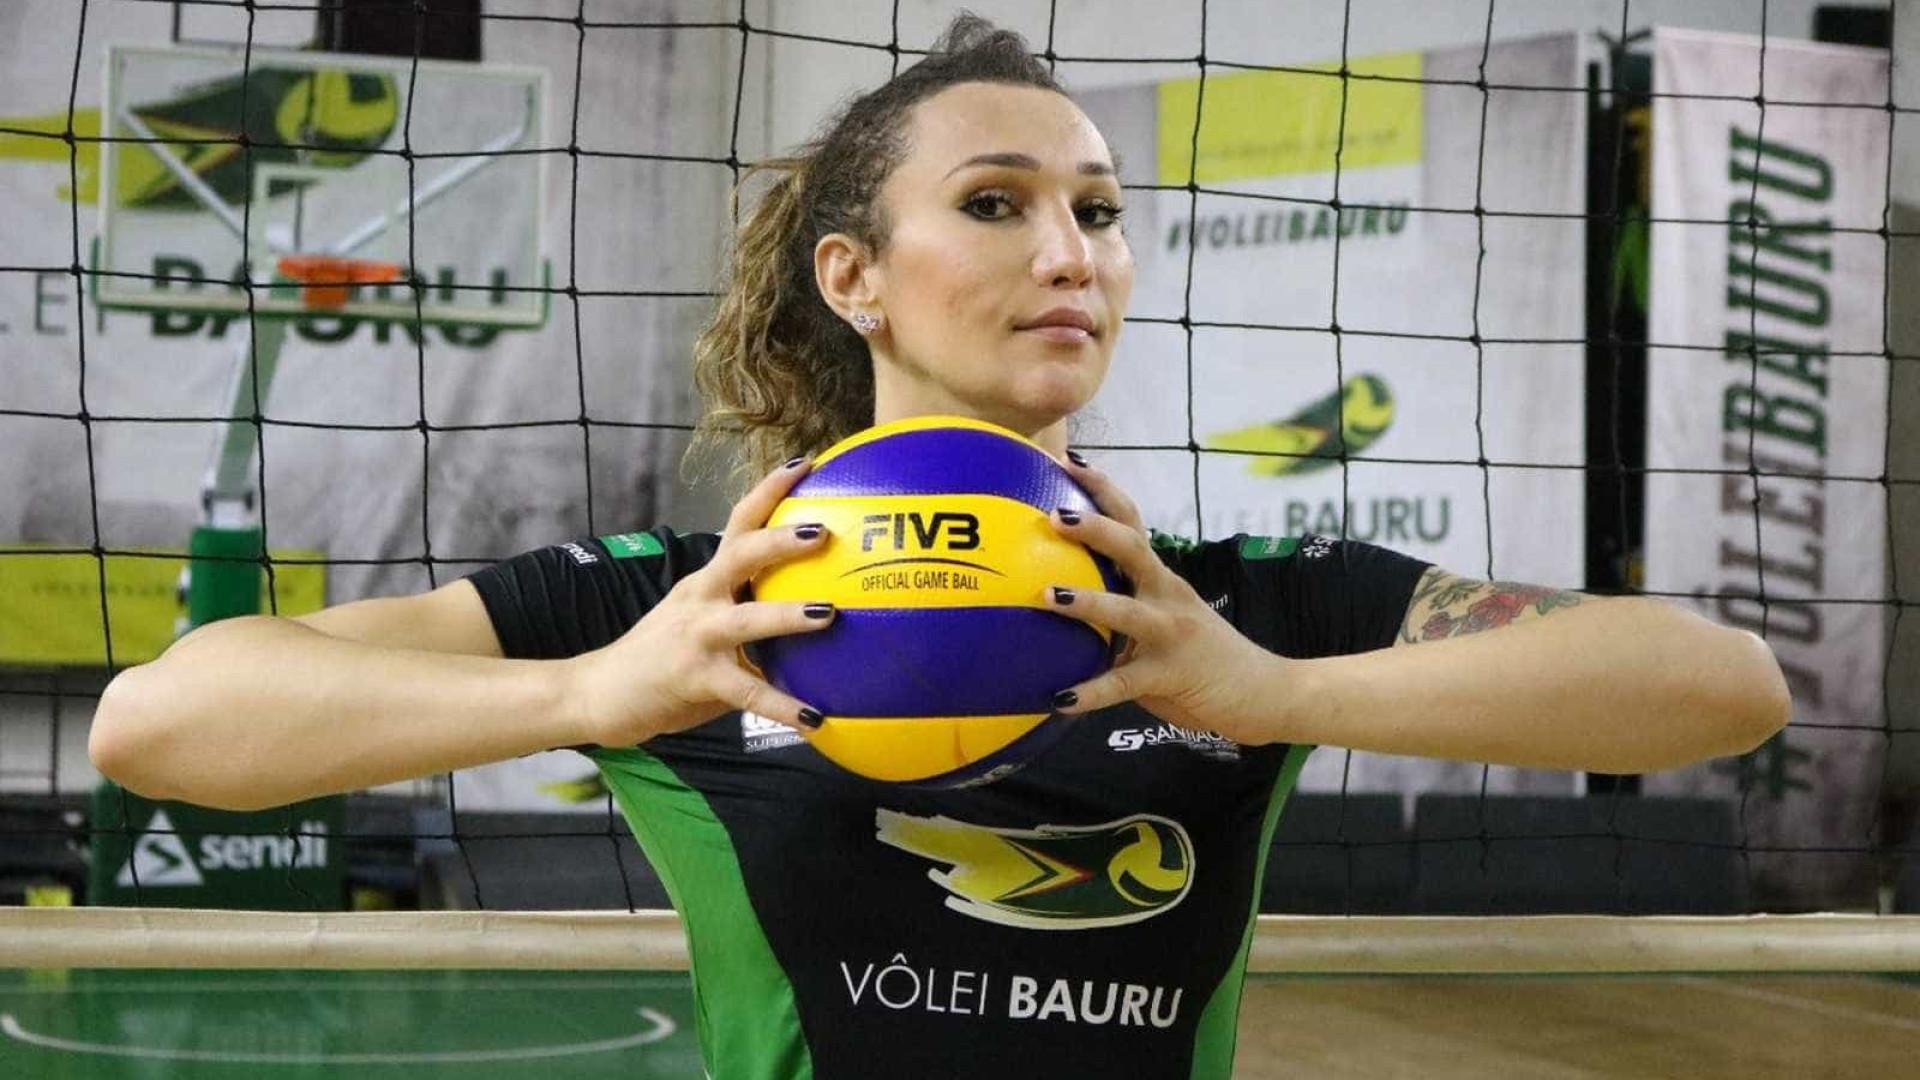 Primeira trans do vôlei brasileiro, Tiffany se filia a partido de Temer